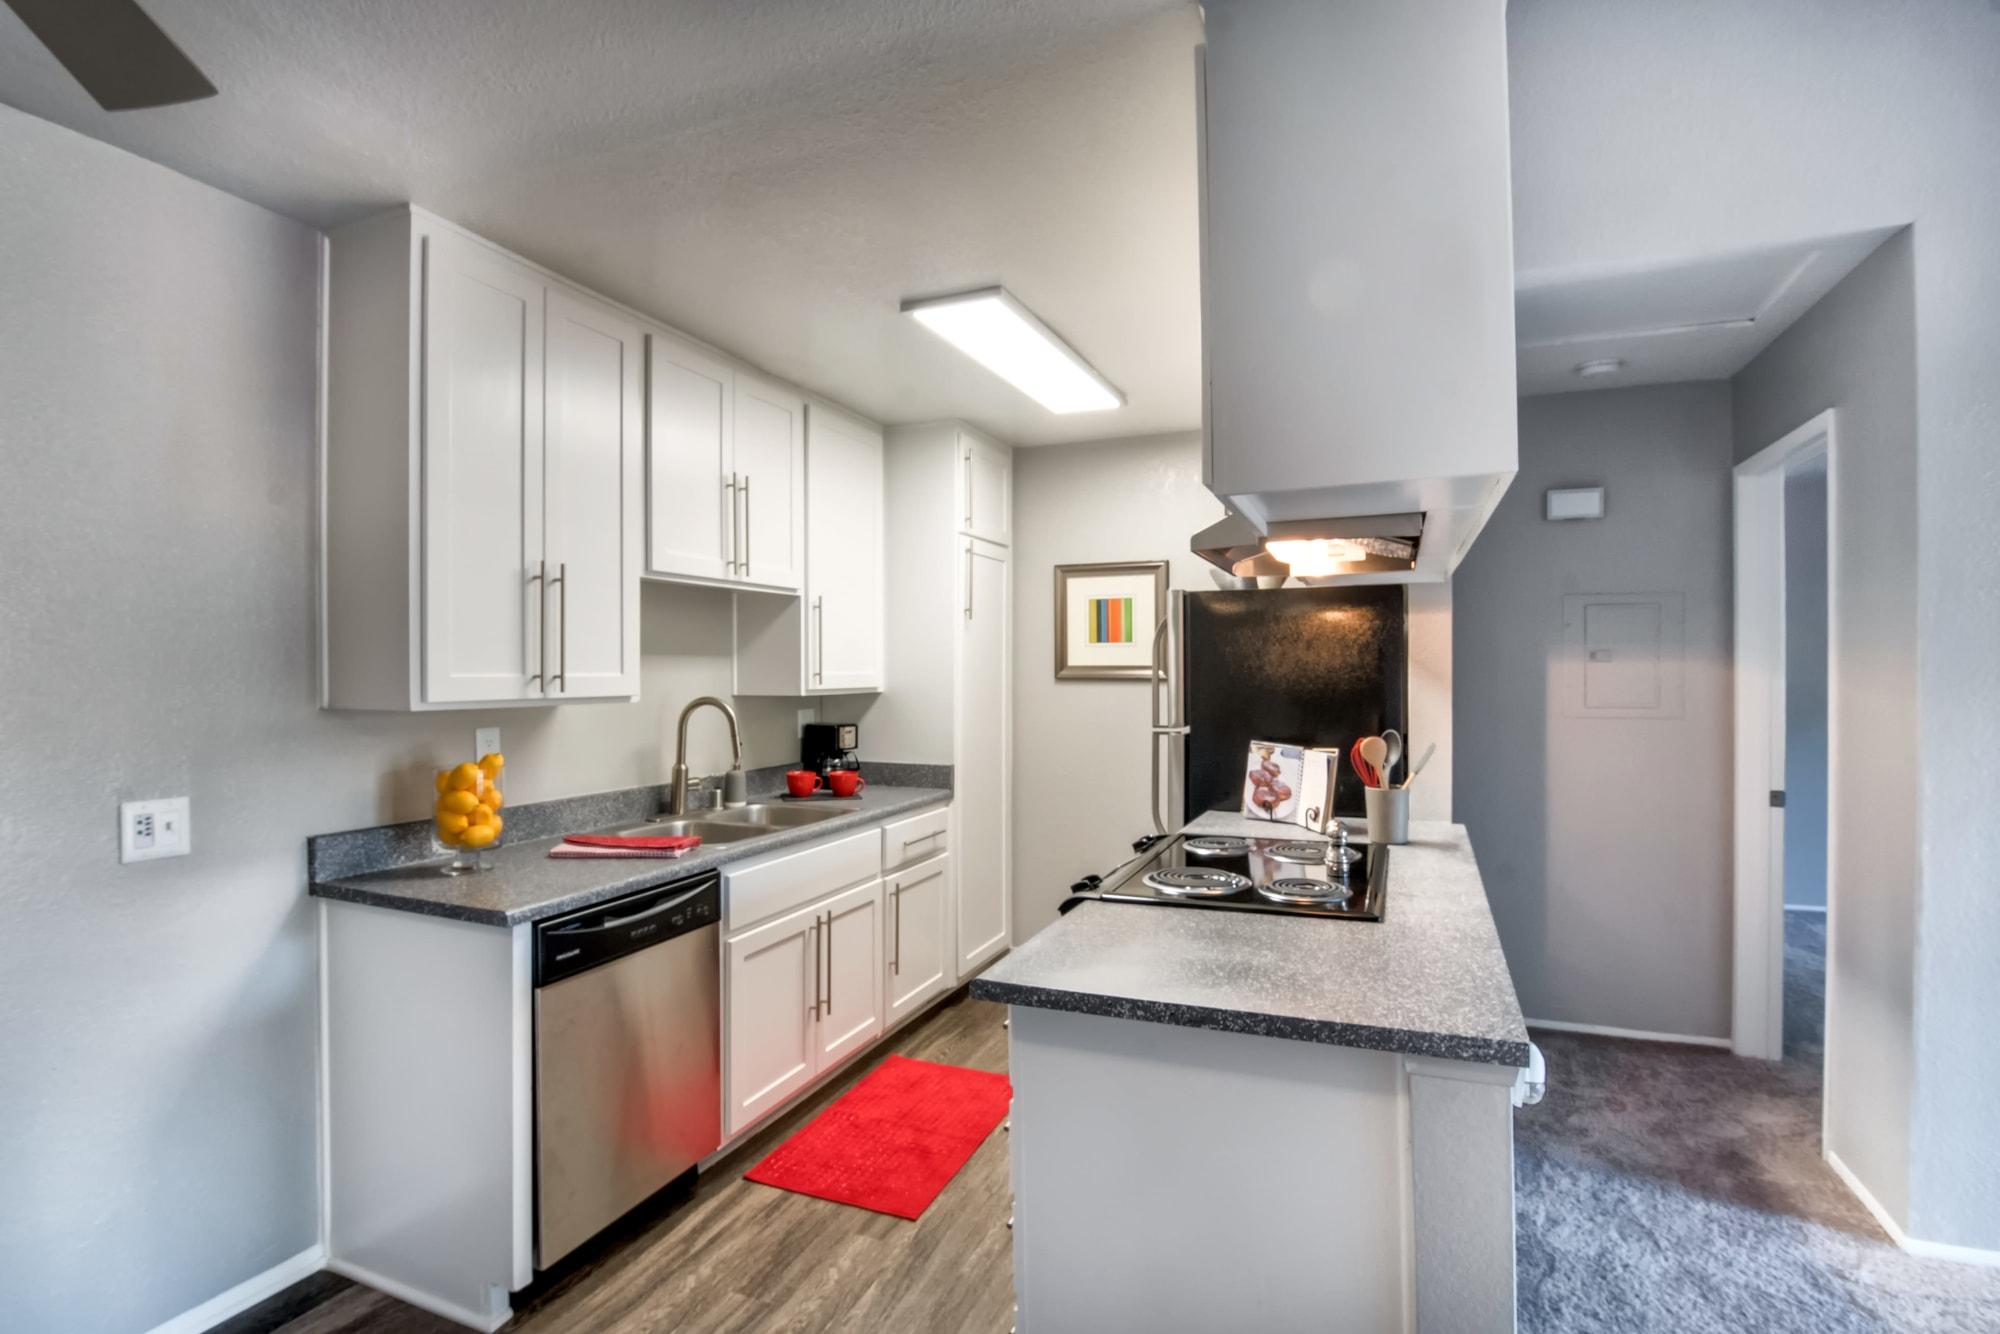 Unique kitchen at apartments in Chula Vista, California